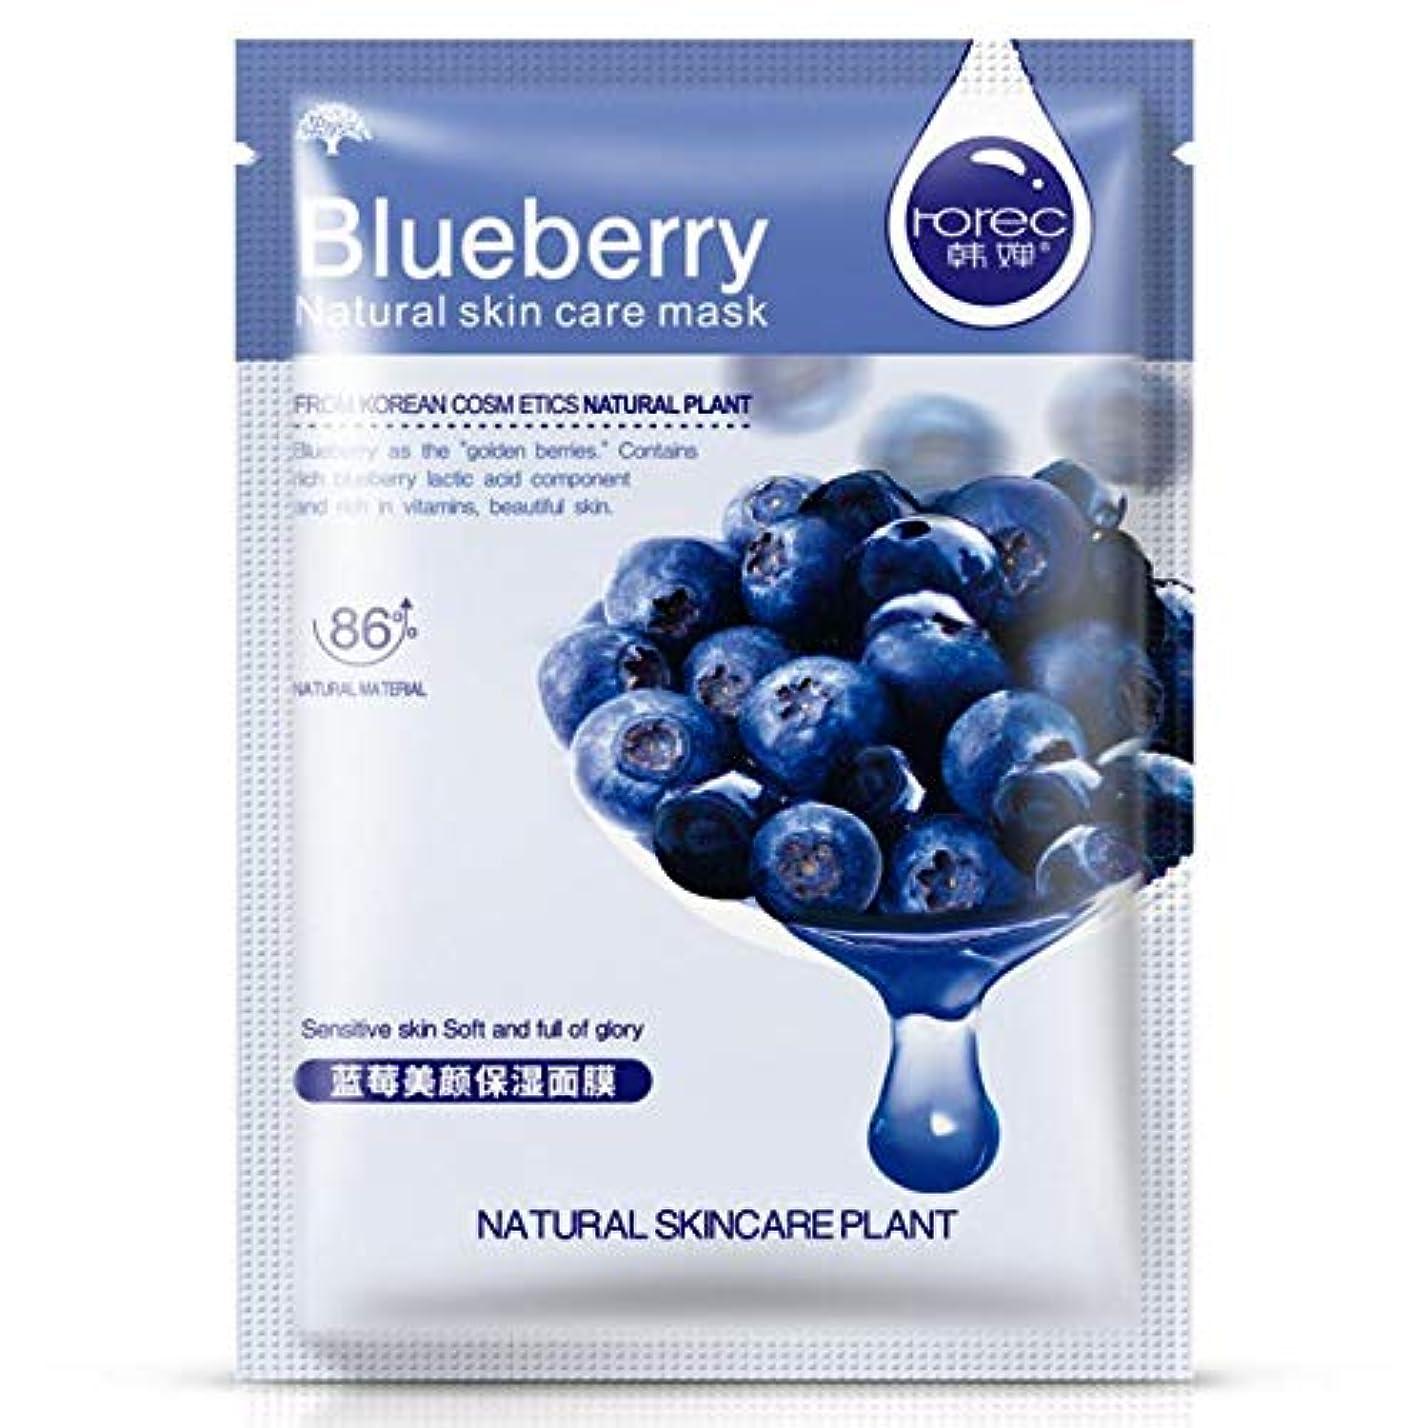 エクステント折る体系的に(Blueberry) Skin Care Plant Facial Mask Moisturizing Oil Control Blackhead Remover Wrapped Mask Face Mask Face Care